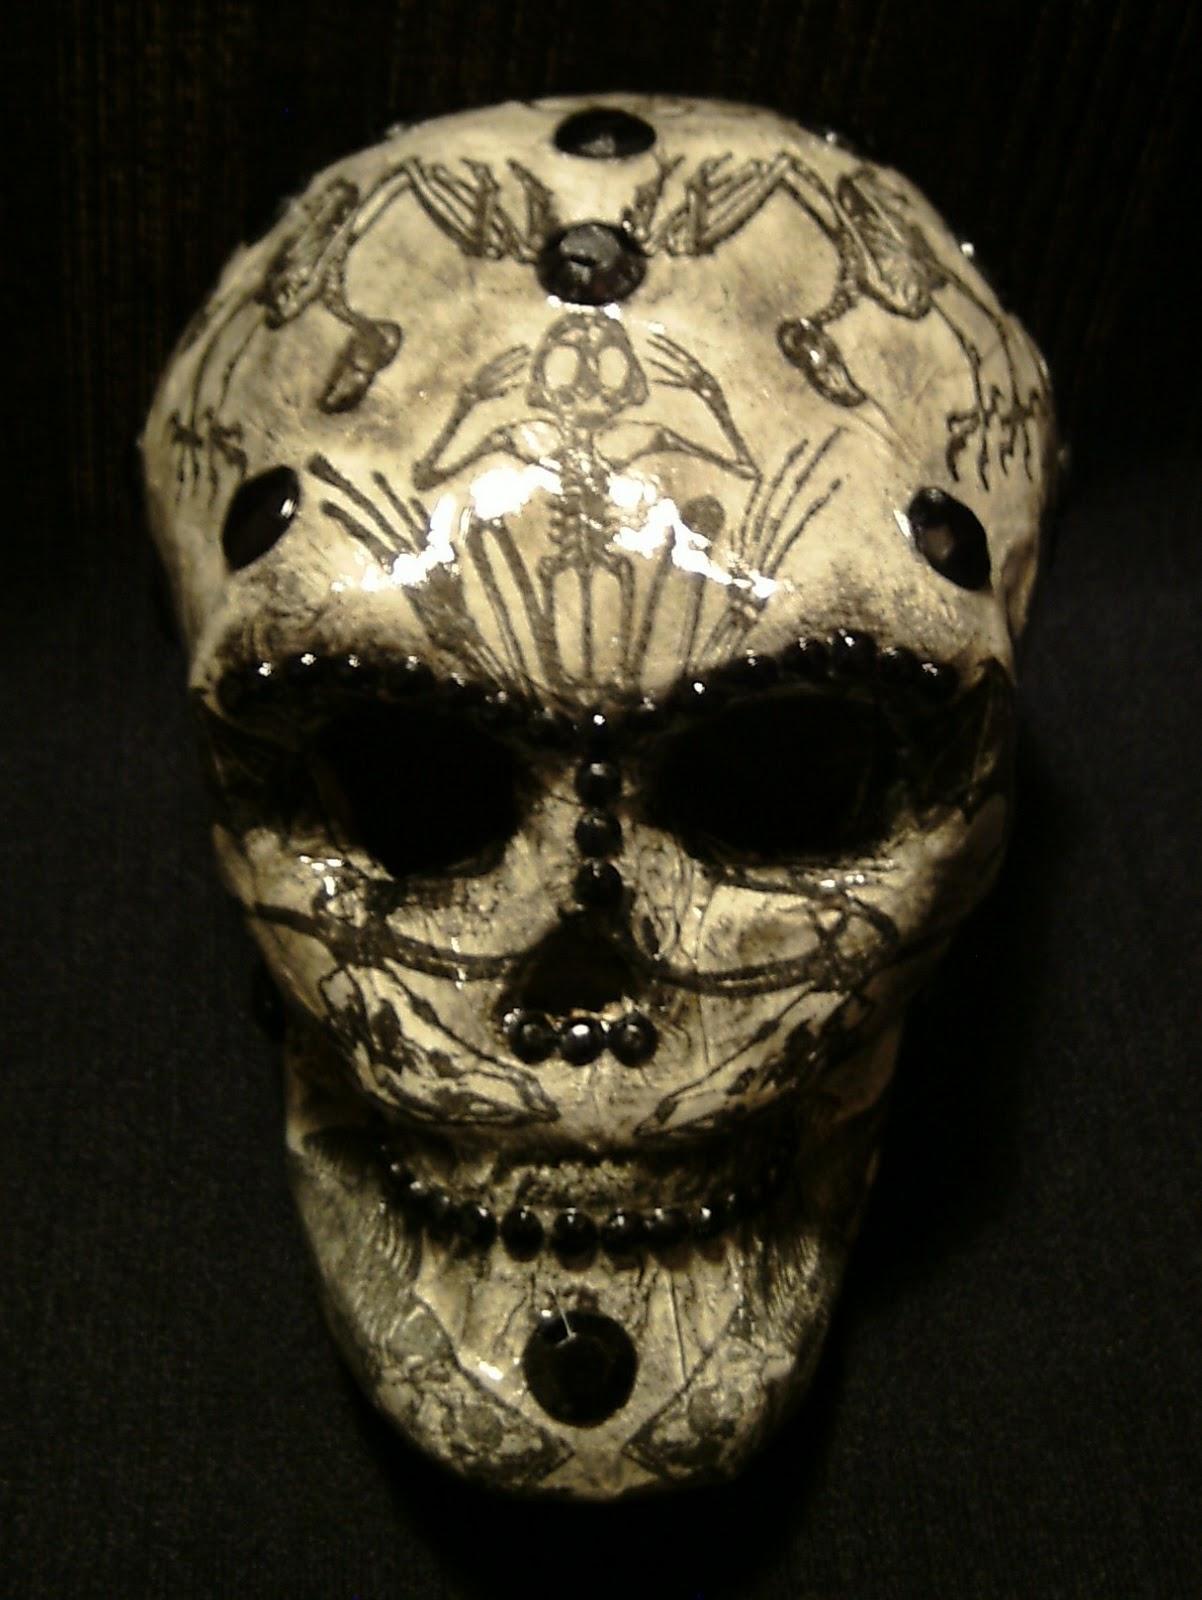 http://1.bp.blogspot.com/-GgYCT4xqKQE/Tp-0ZWYGhhI/AAAAAAAAAhE/8XgnRmPmcQQ/s1600/Skull+1.JPG